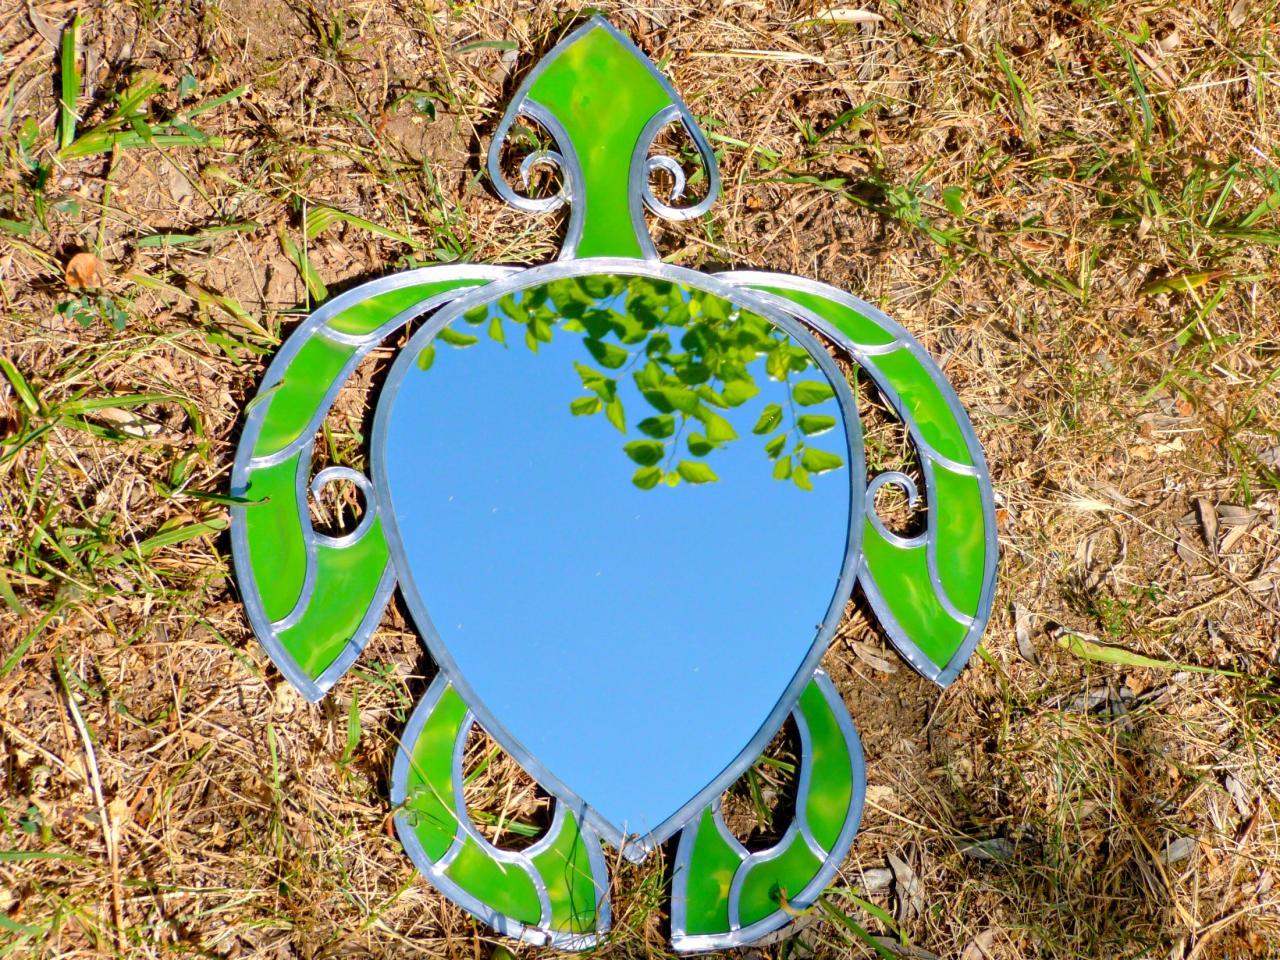 tortue-miroir-vert6.jpg